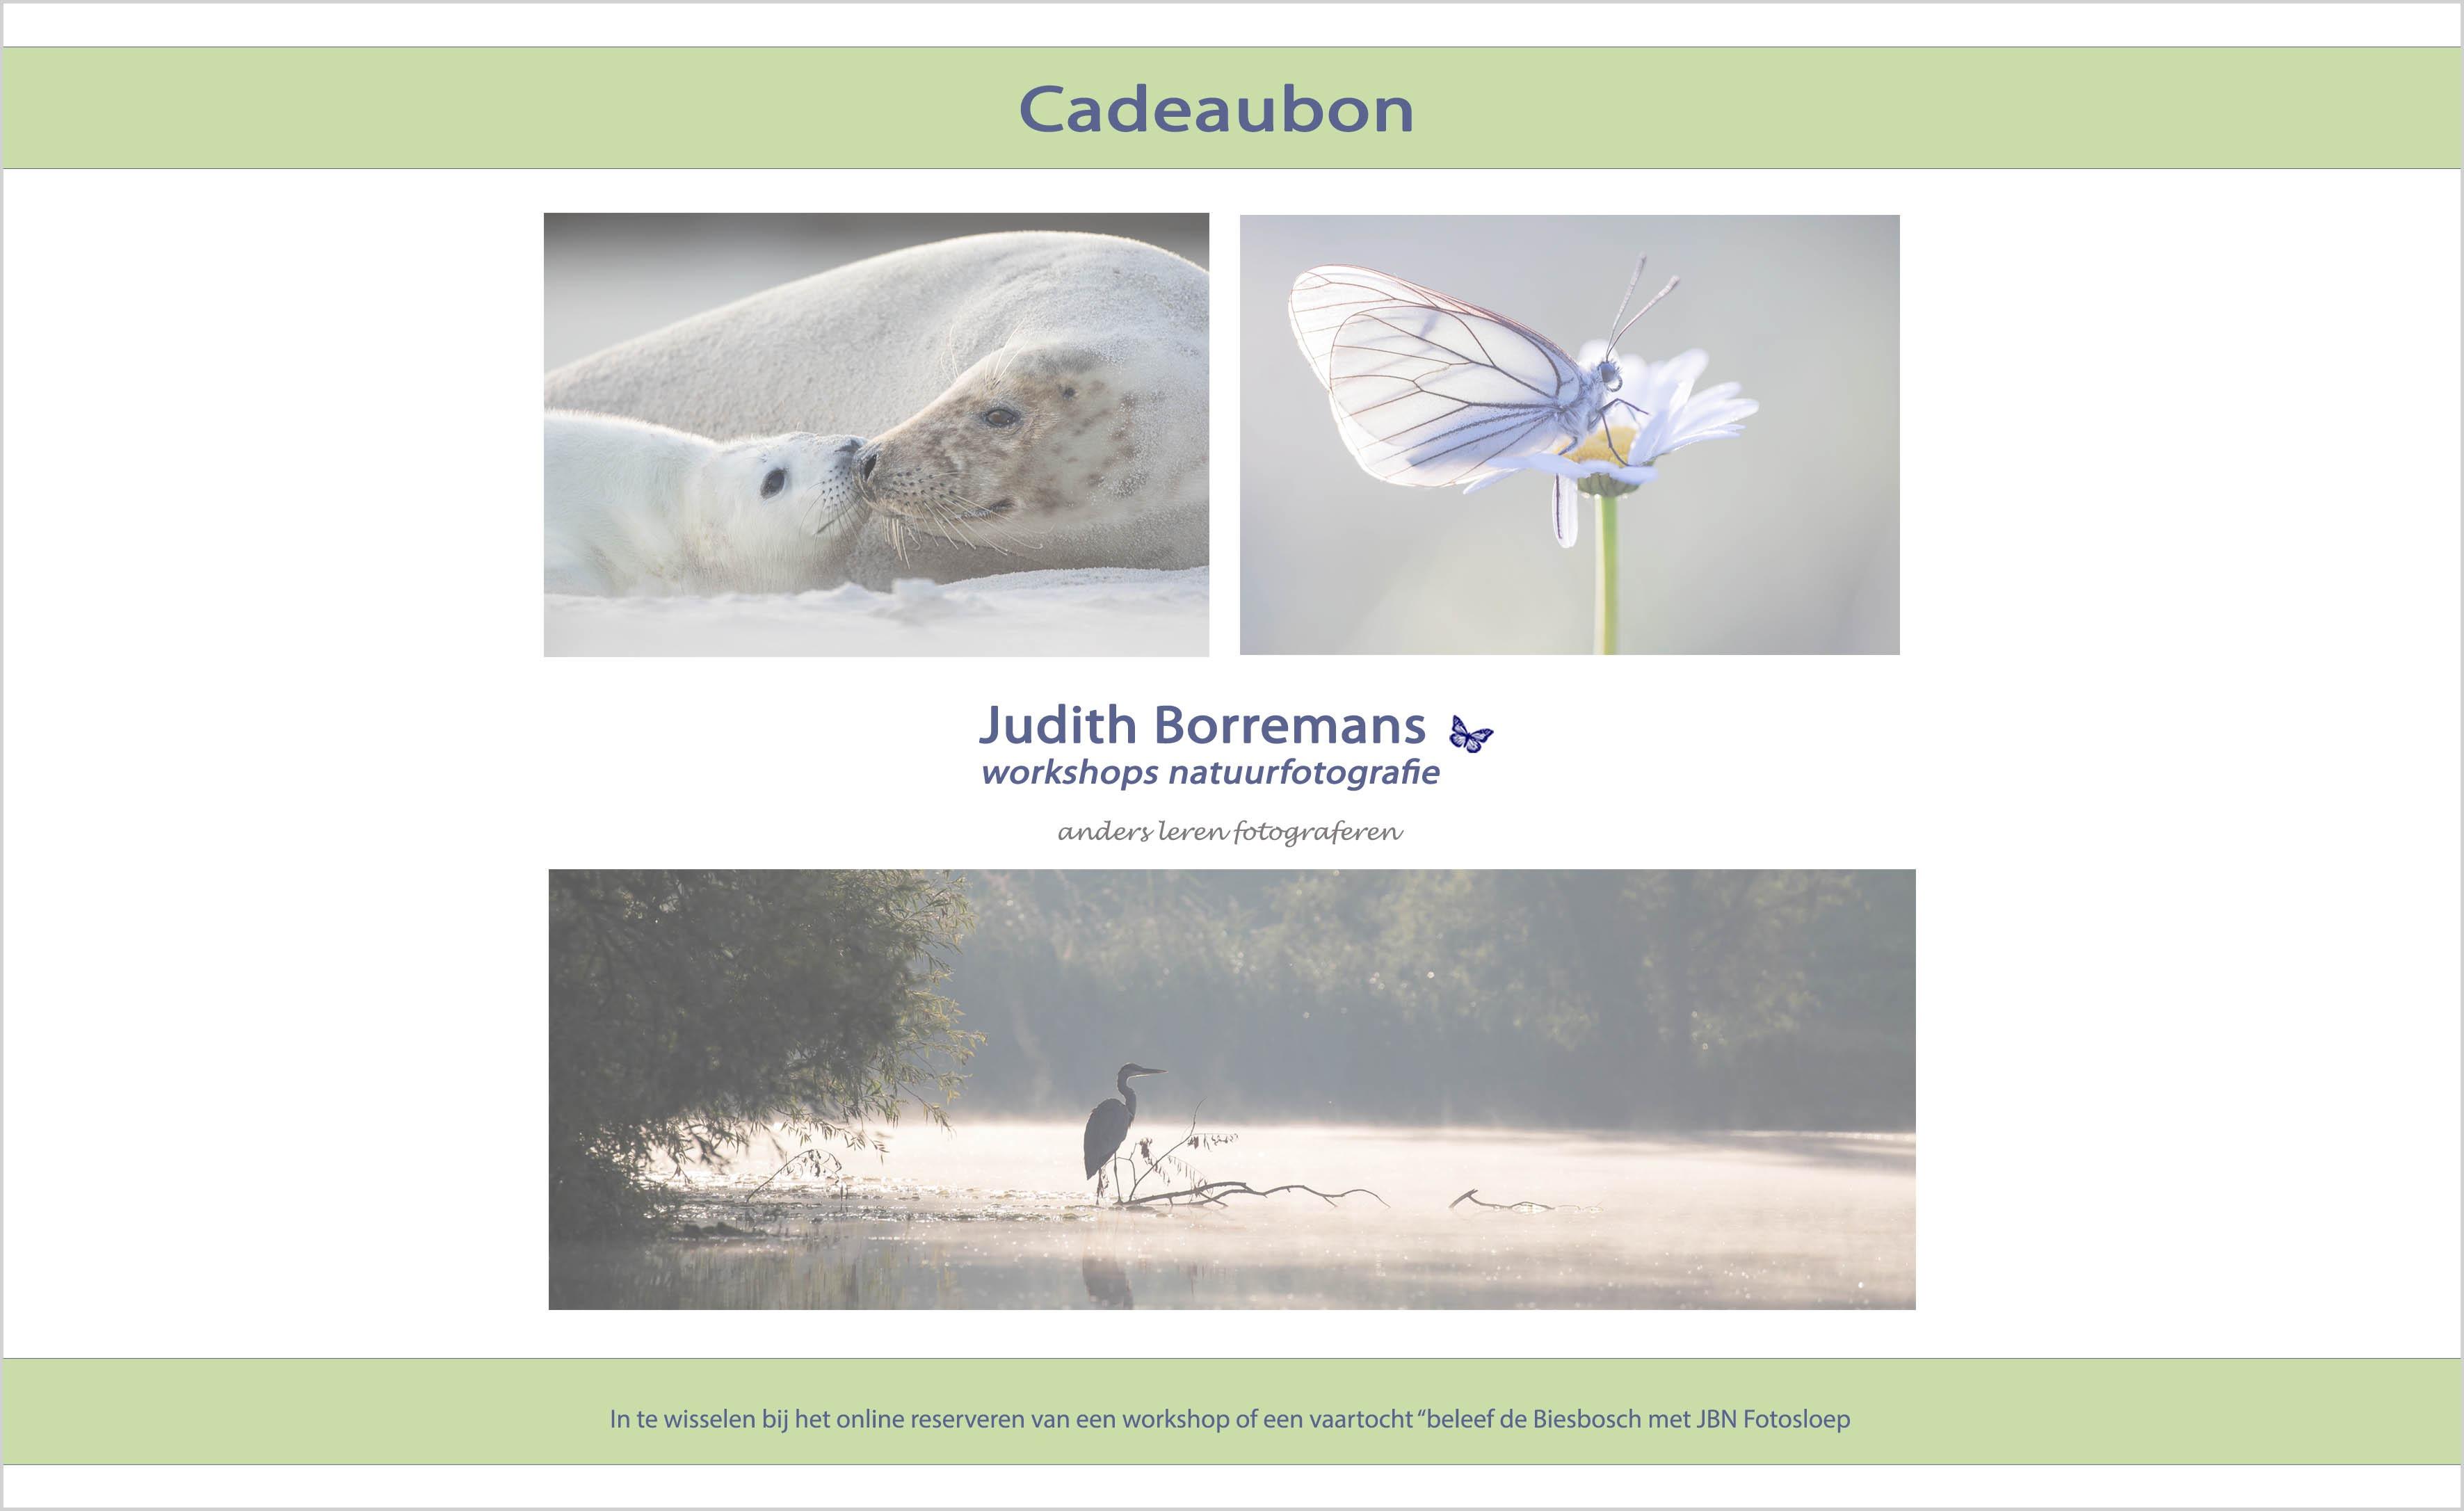 Cadeaubon Voor Een Fotografieworkshop Of Tocht Met JBN Sloep